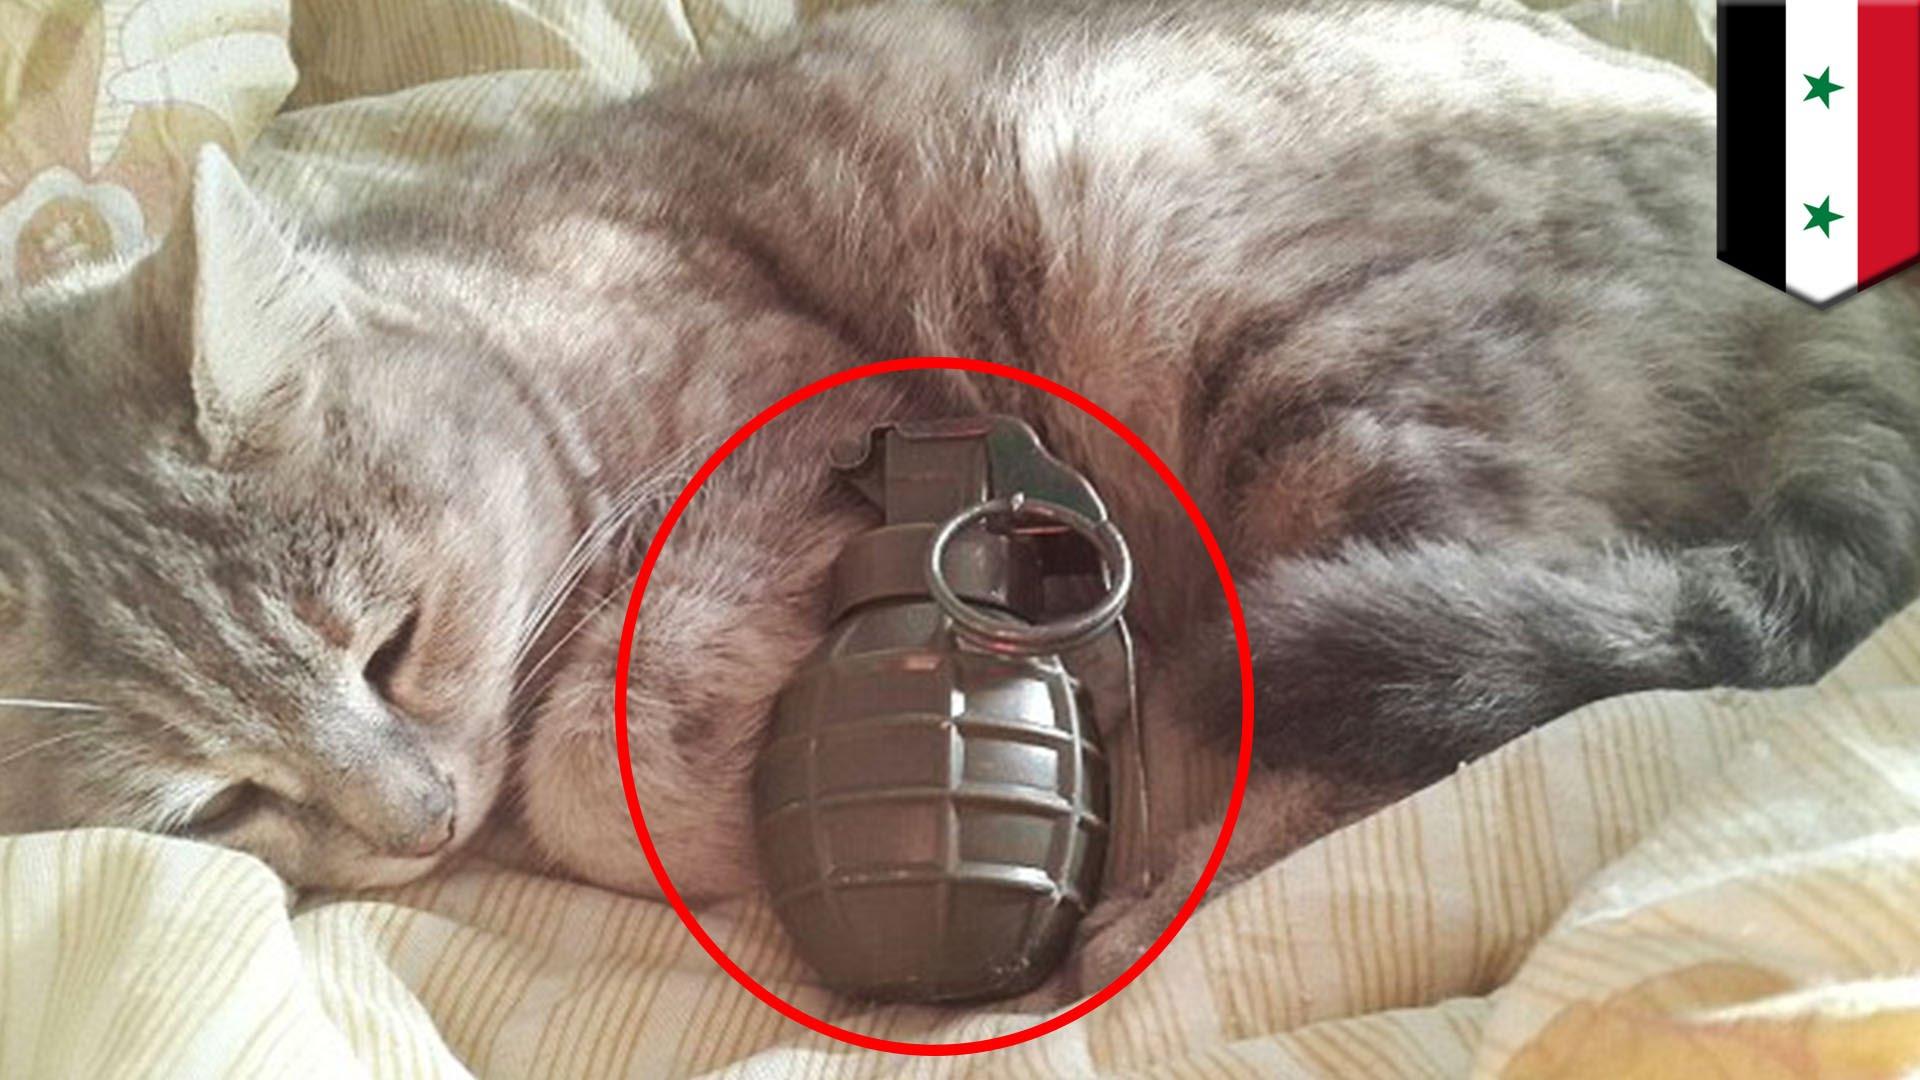 Isis emette fatwa per uccidere gatti